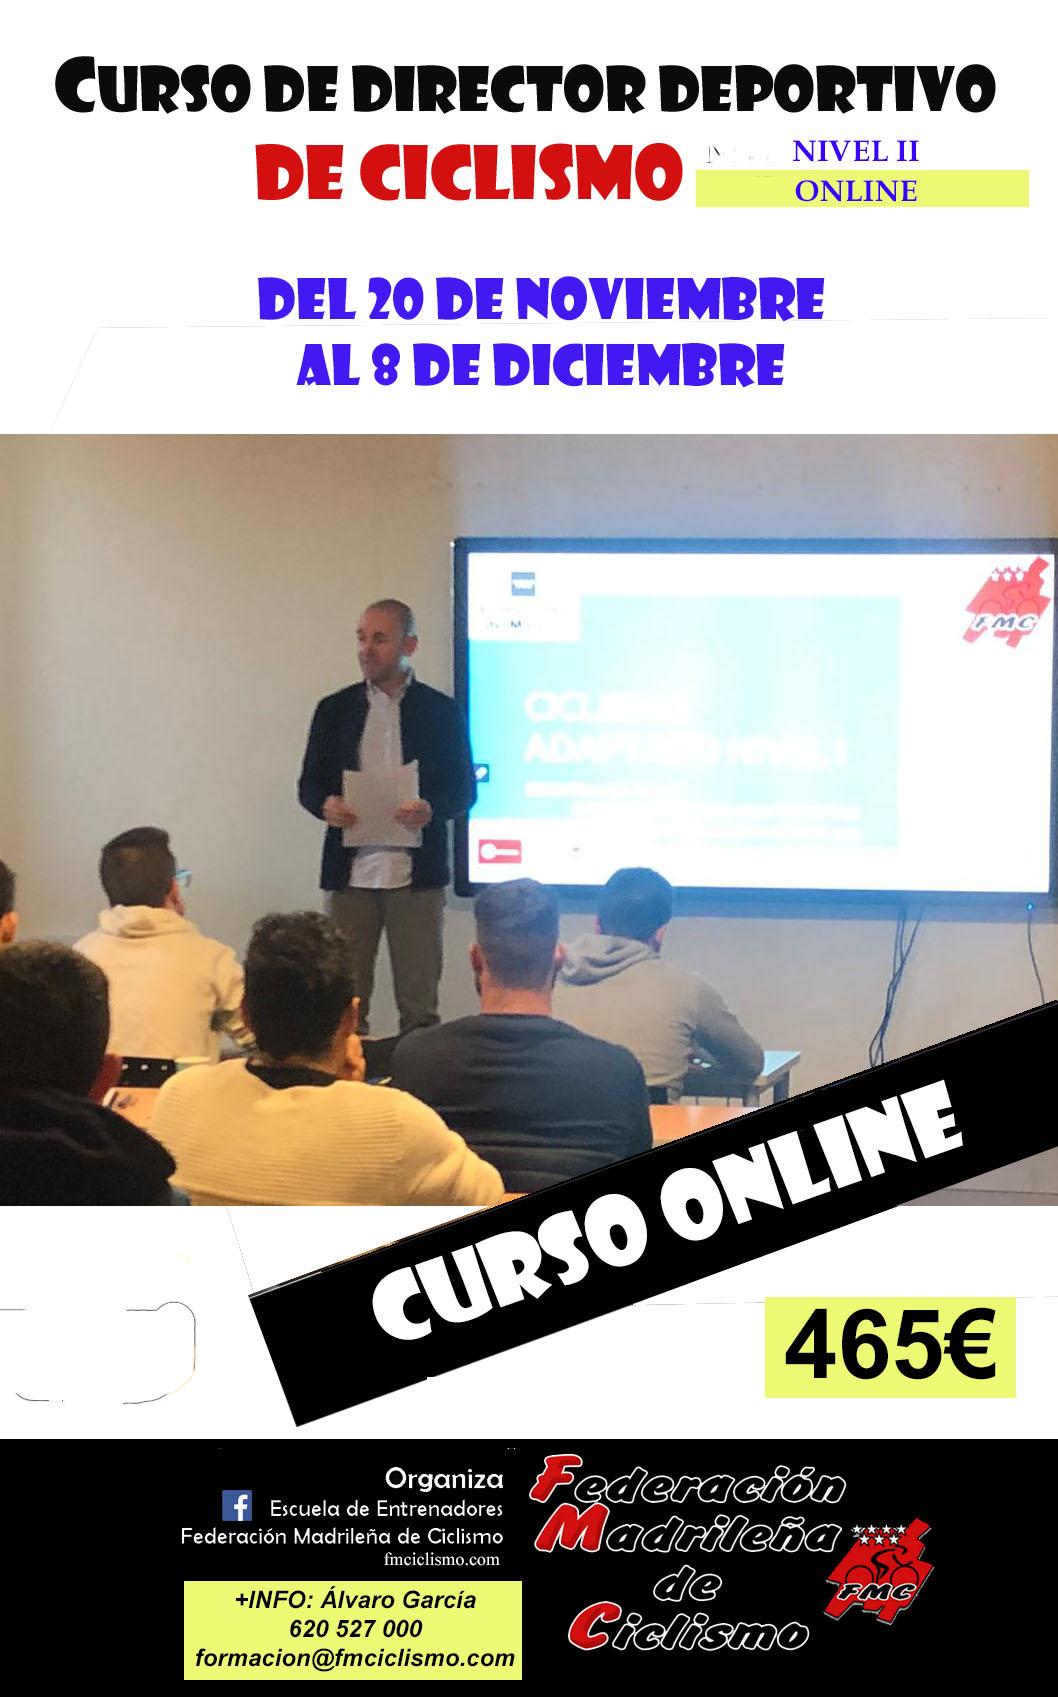 Recta final para inscribirse a los cursos de Director Deportivo Nivel I y II en formato online (ACTUALIZADA)